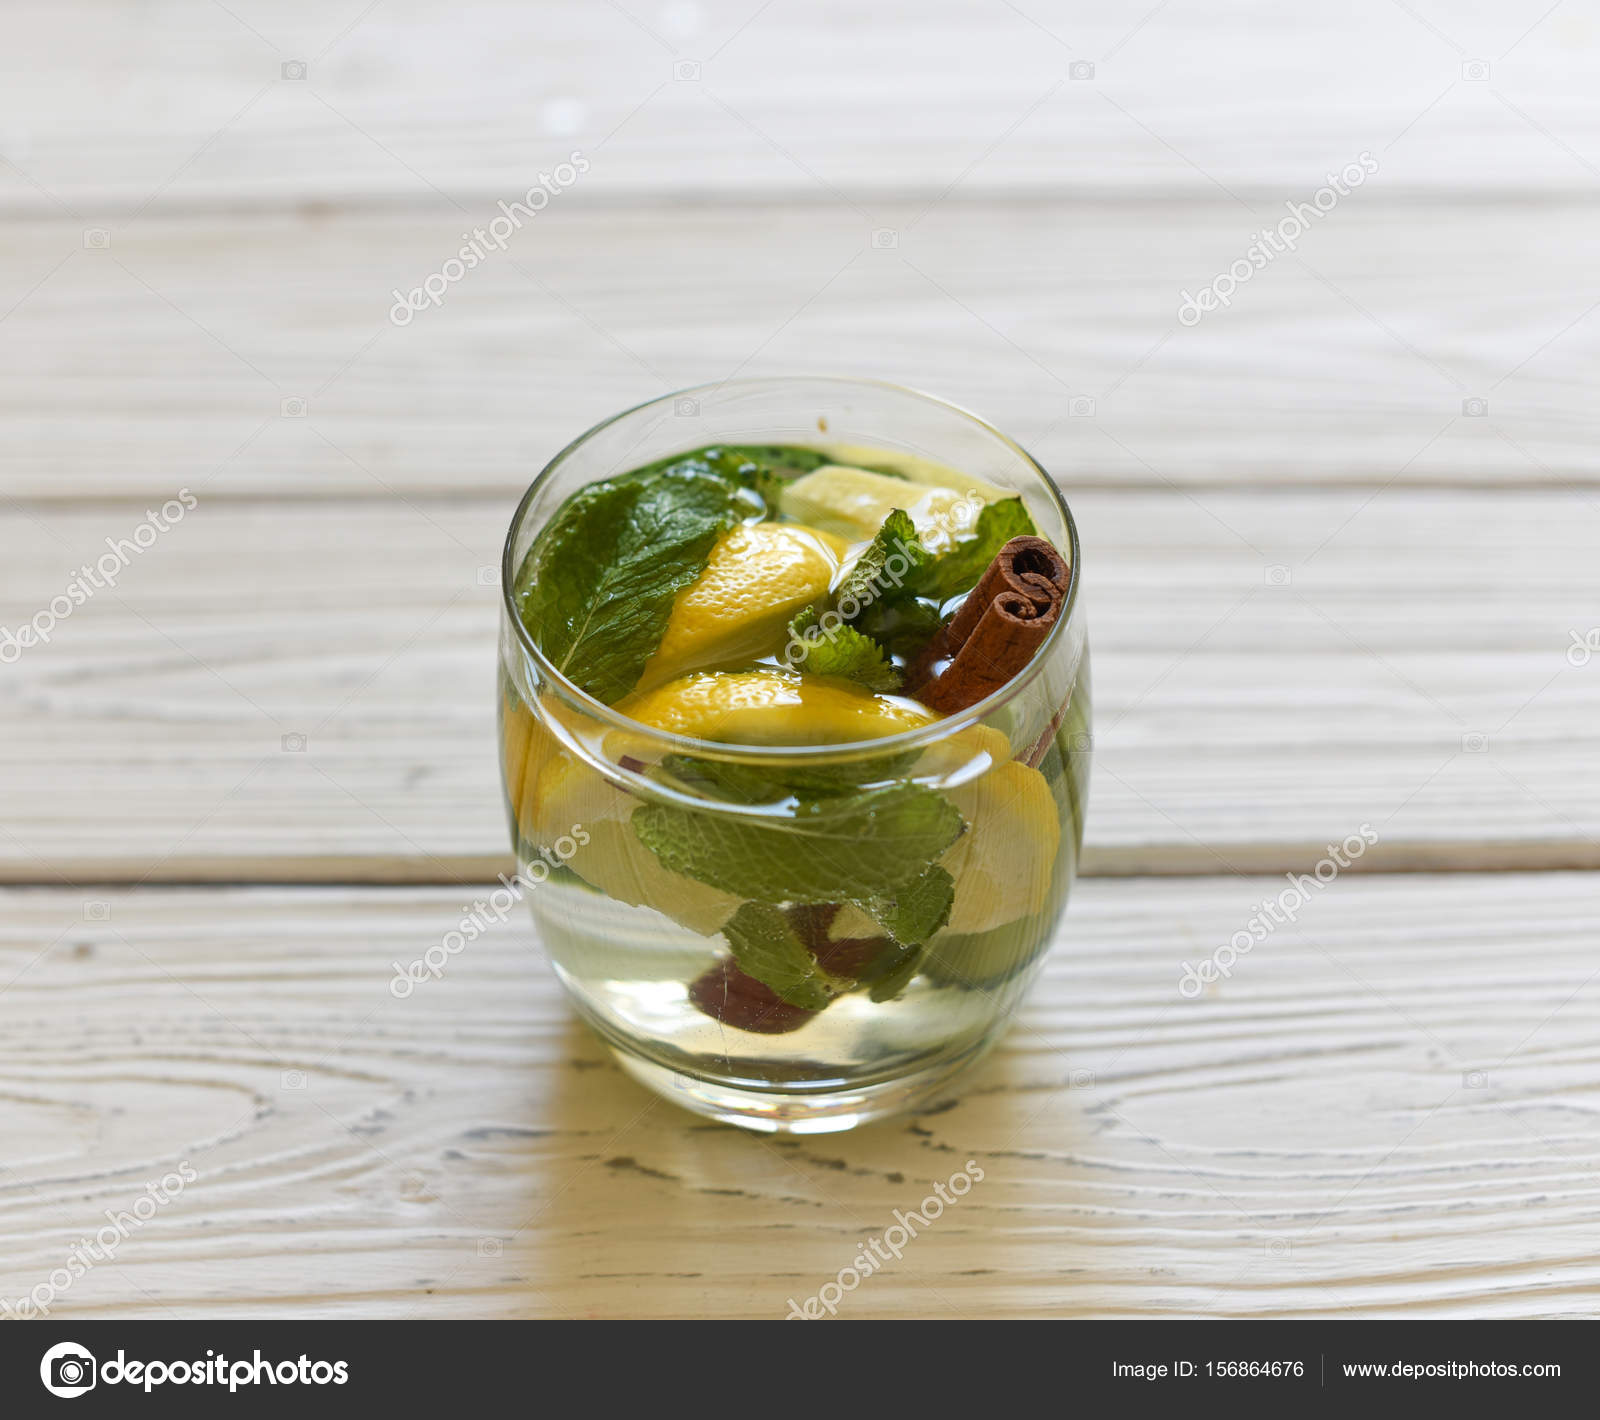 Sağlıklı serinletici içecekler